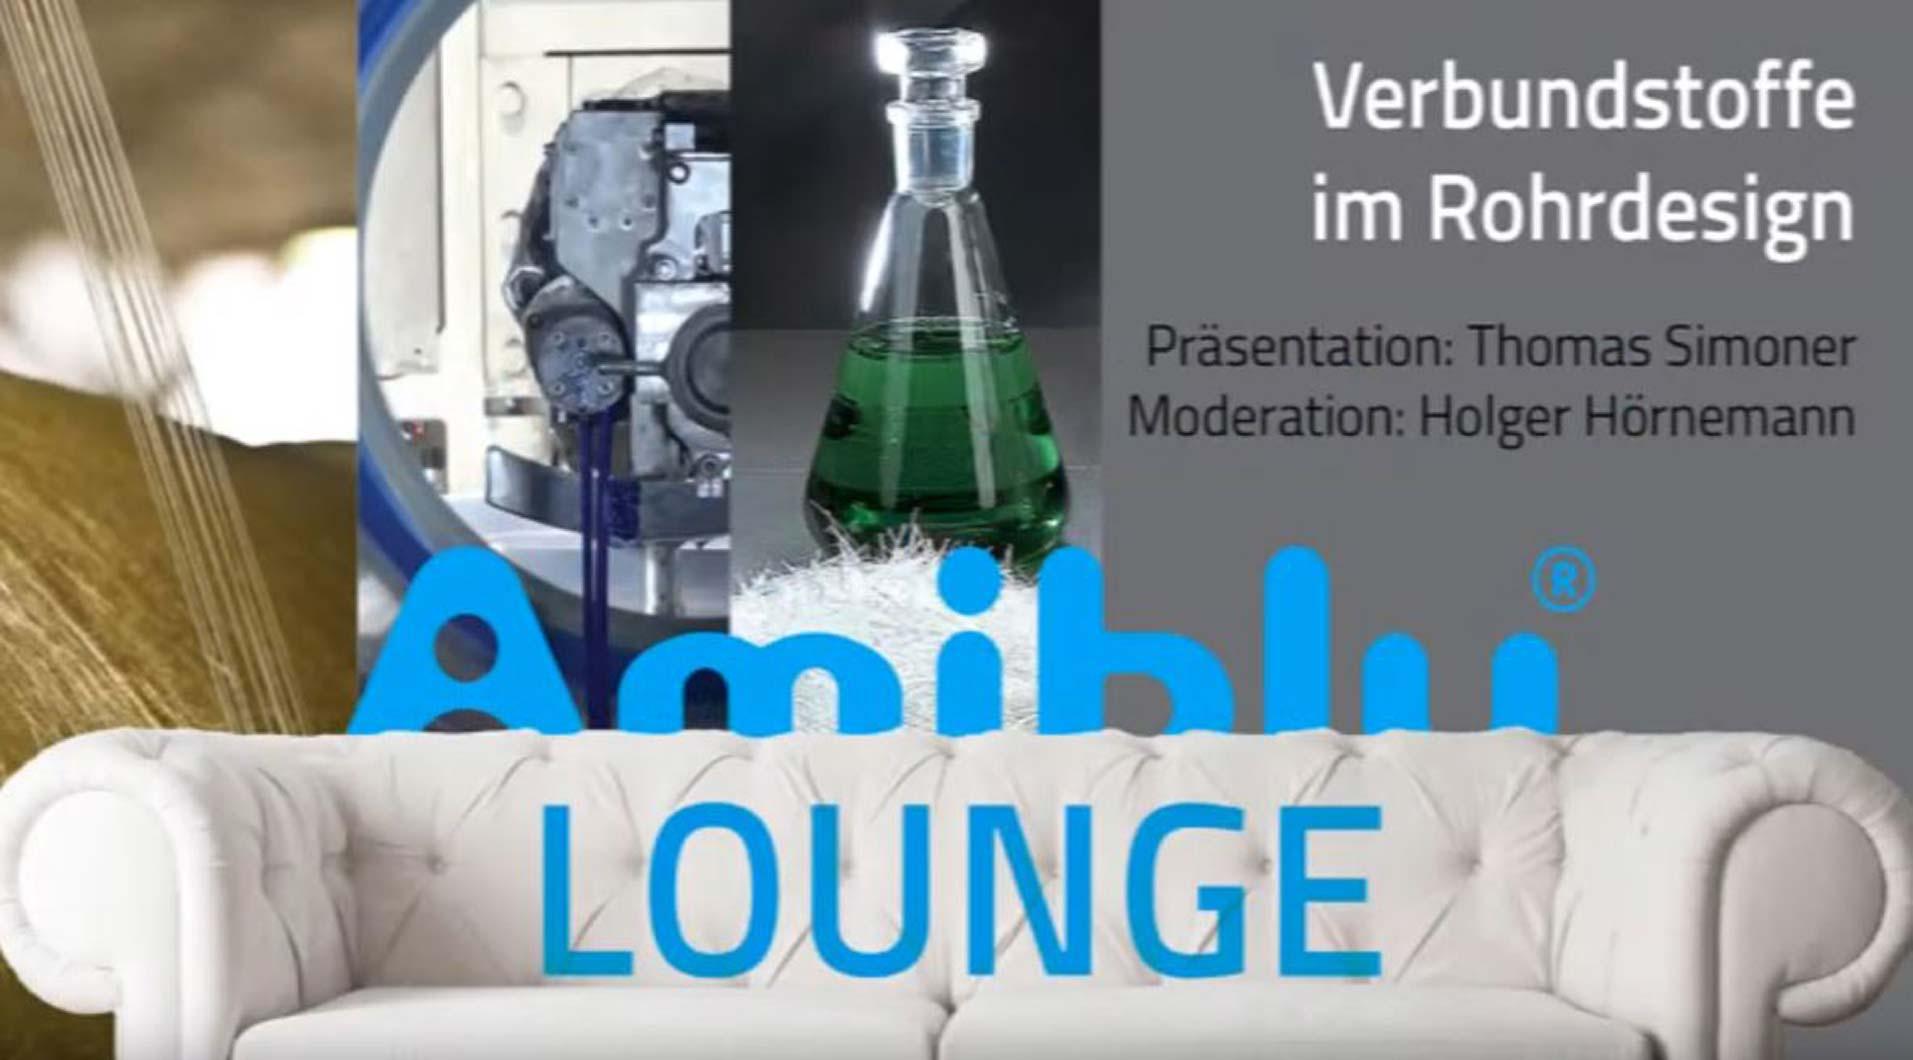 Lounge Banner Verbundstoffe im Rohrdesign 1913x1060